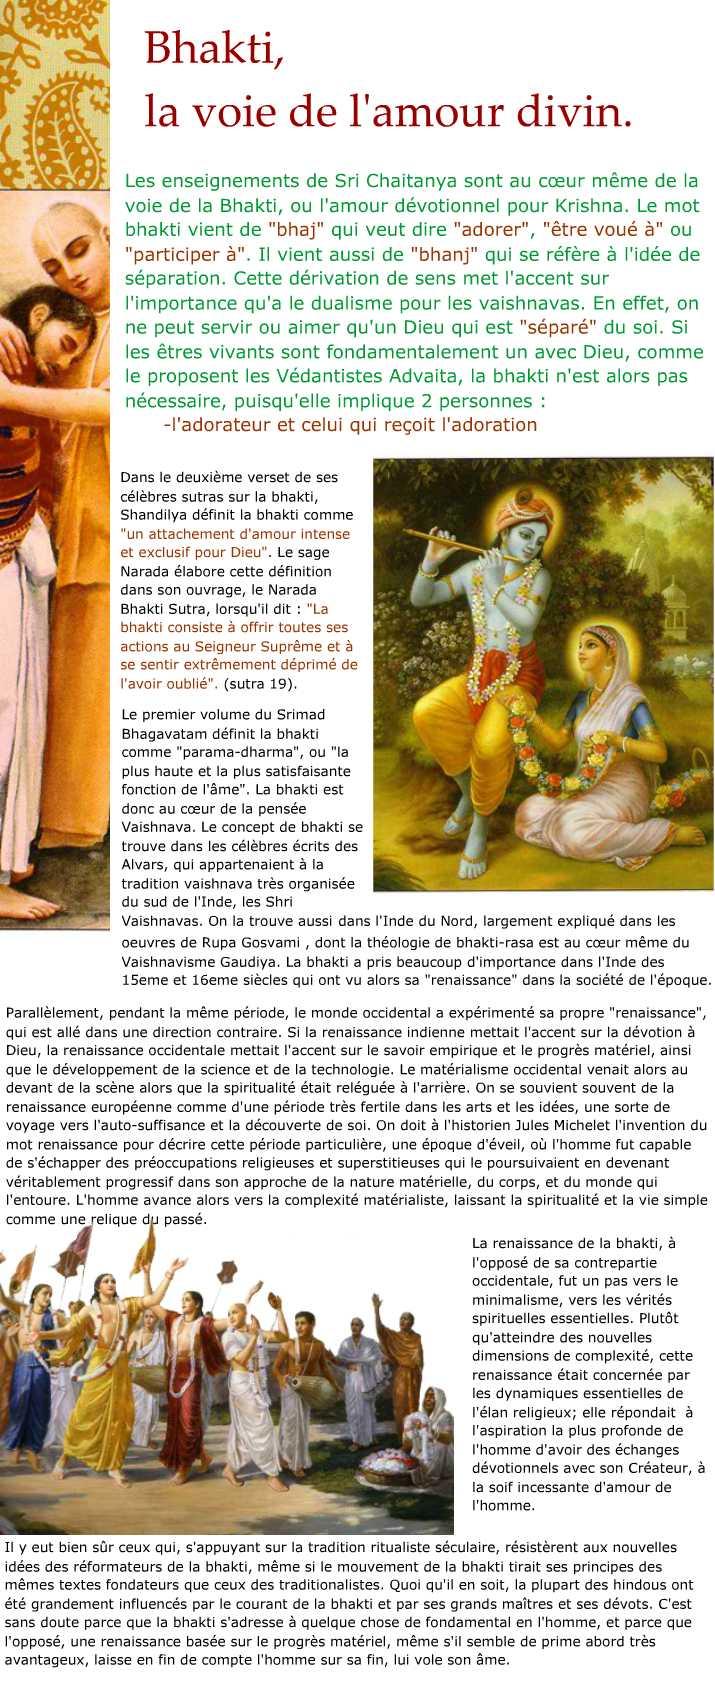 Bhakti, la Voie de l'Amour Divin